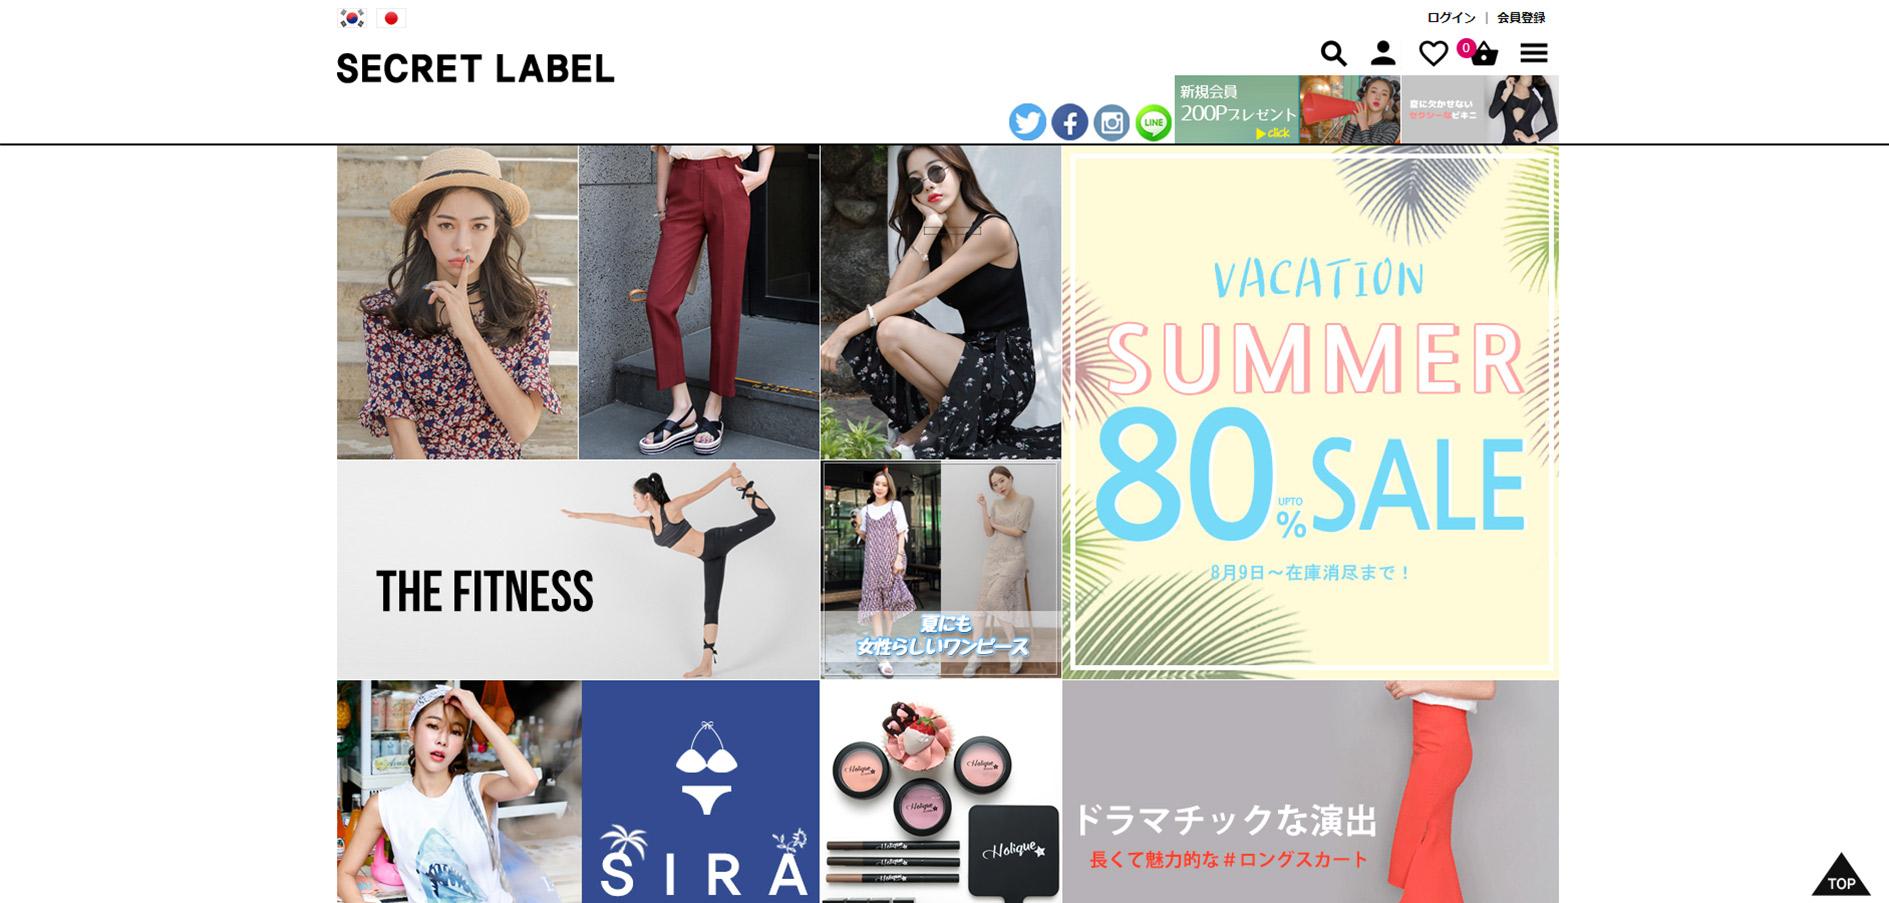 20代におすすめな韓国ファッション通販サイトのSECRET LABEL(シークレットラベル)